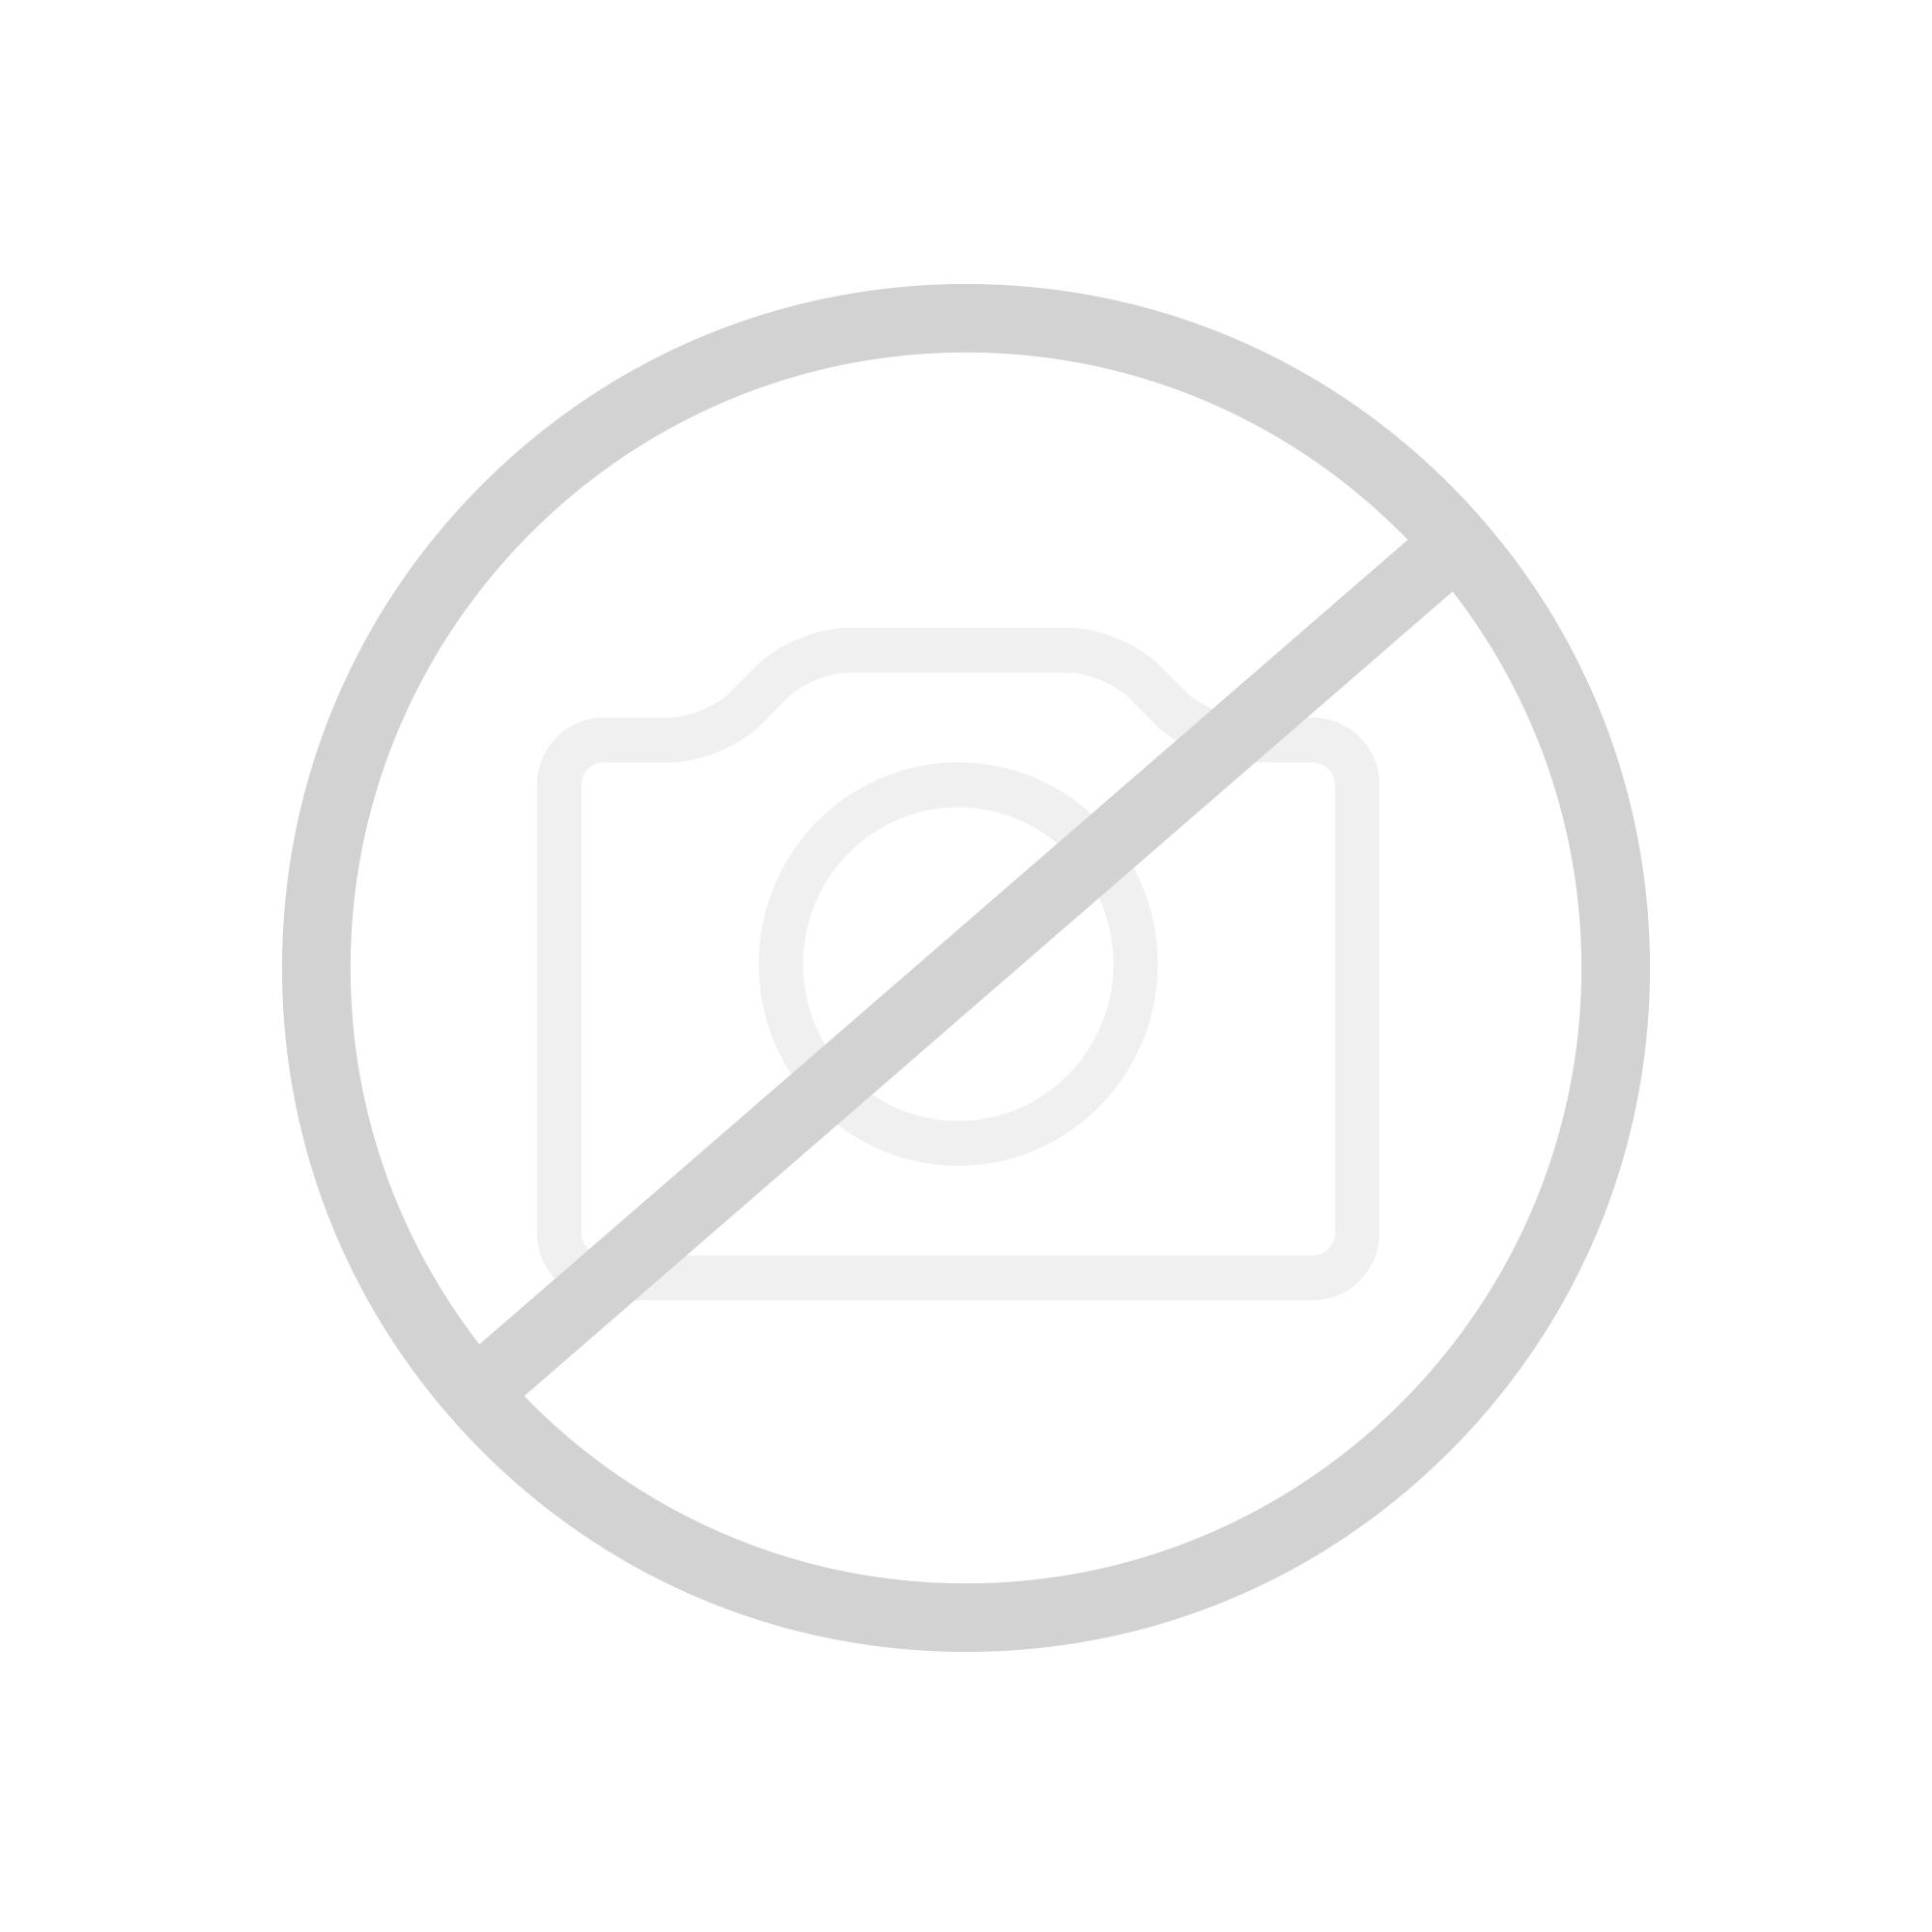 Herzbach NeoCastell Waschtisch-Einlochbatterie, mit erhöhtem Schaft